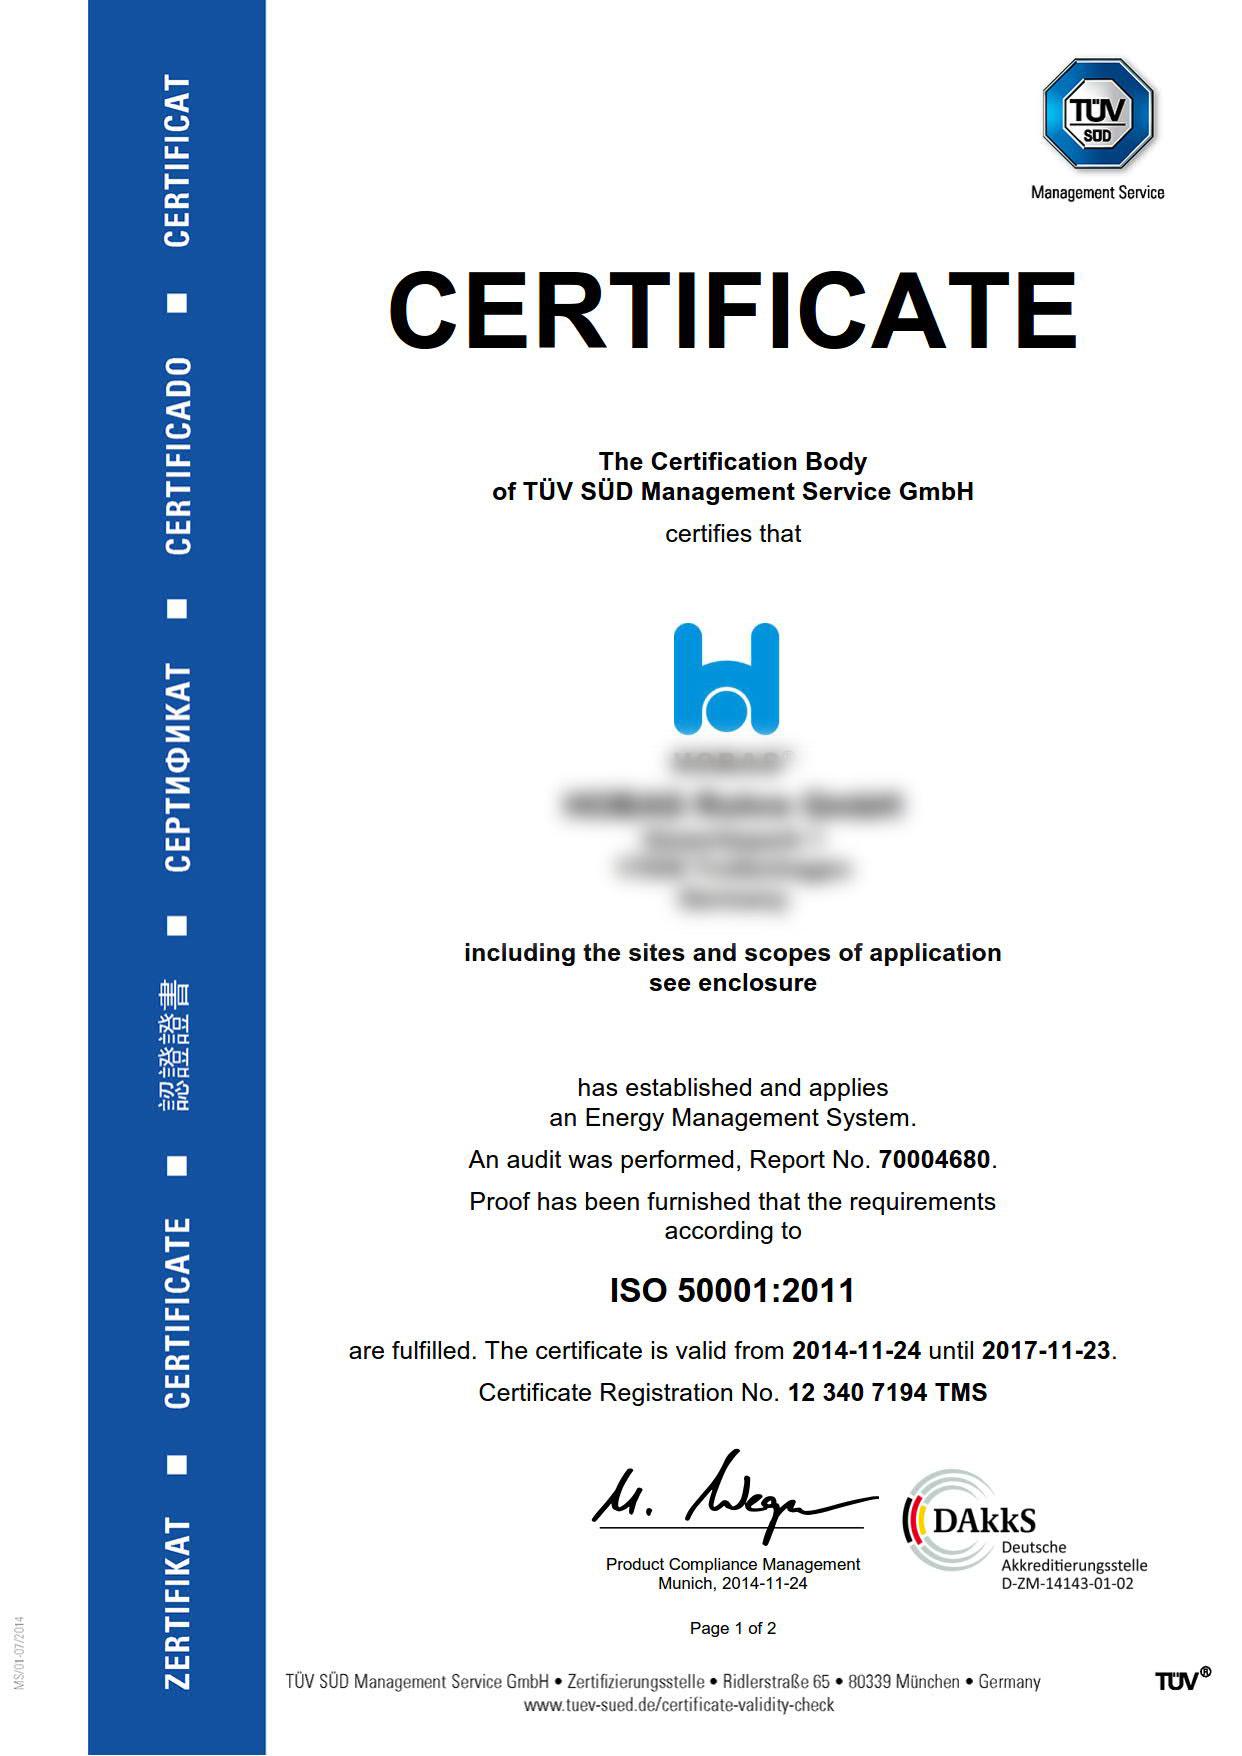 Сертификат ИСО 50001 можно применять при сотрудничестве с иностранными партнерами, так как он признается большинством стран мира.